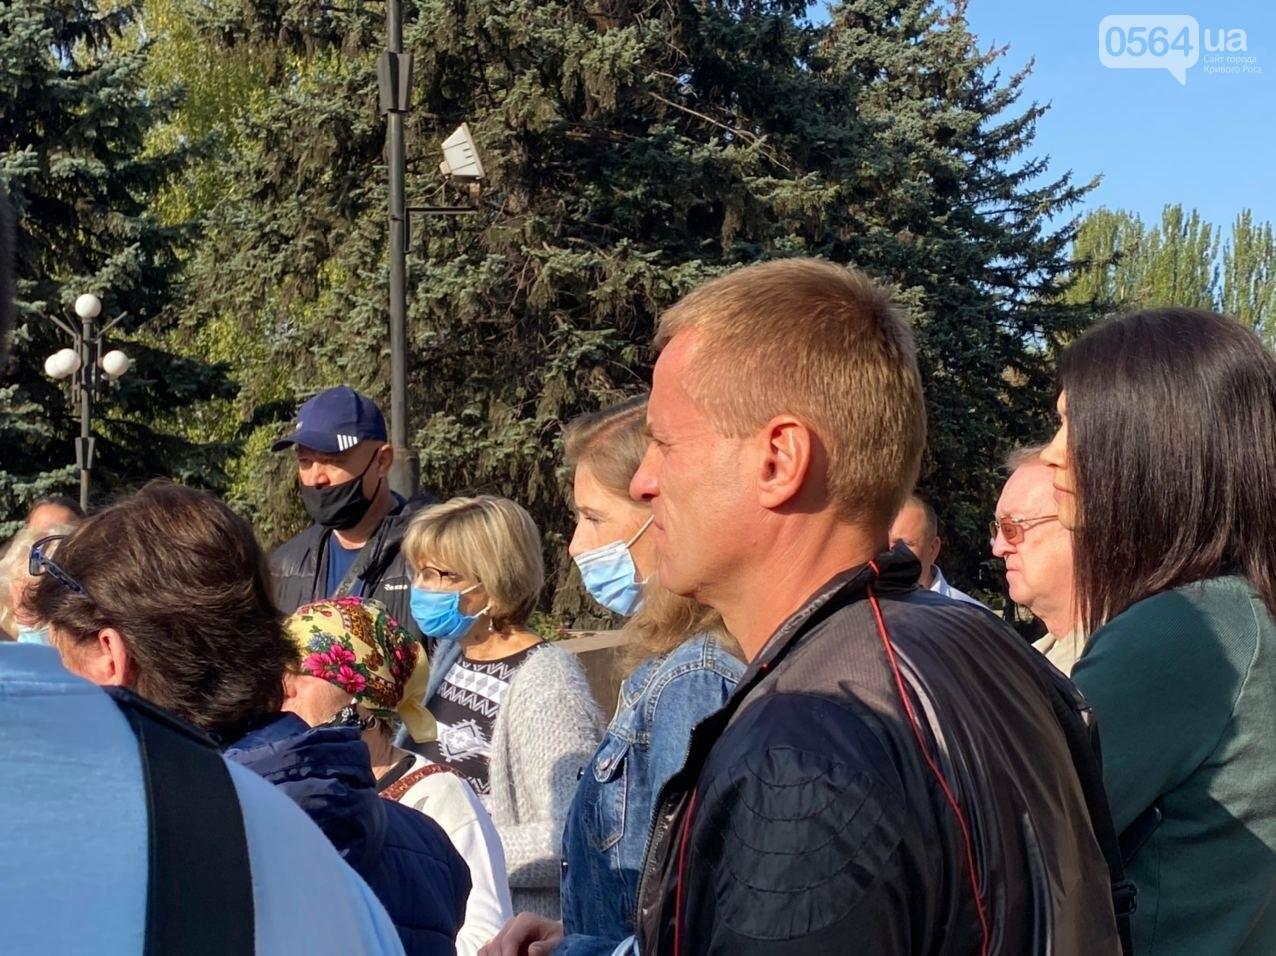 """Энергоэффективность по-криворожски: жители города  вышли на митинг протеста против действий монополиста """"Криворожская теплоцентраль"""" - ФОТ..., фото-5"""